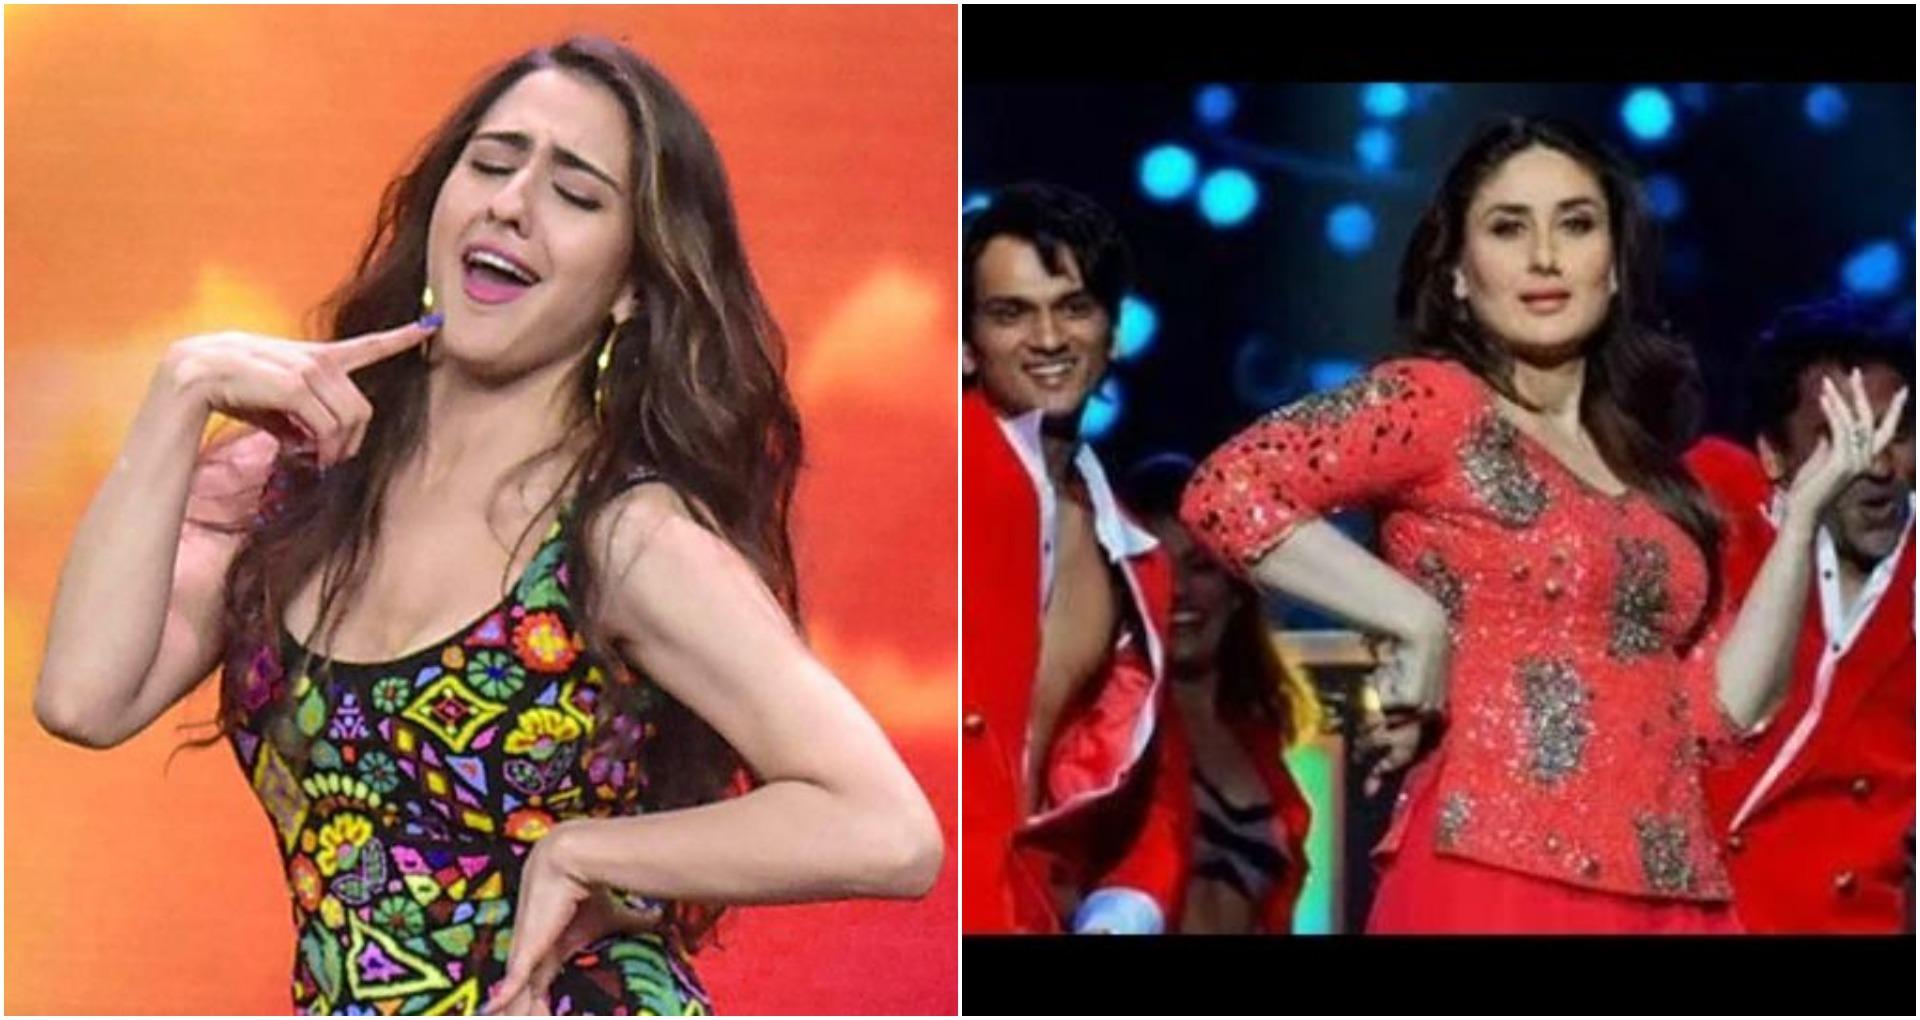 EXCLUSIVE: करीना कपूर खान की राह फिर चली सारा अली खान, इस बार ऐसा होगा धमाका